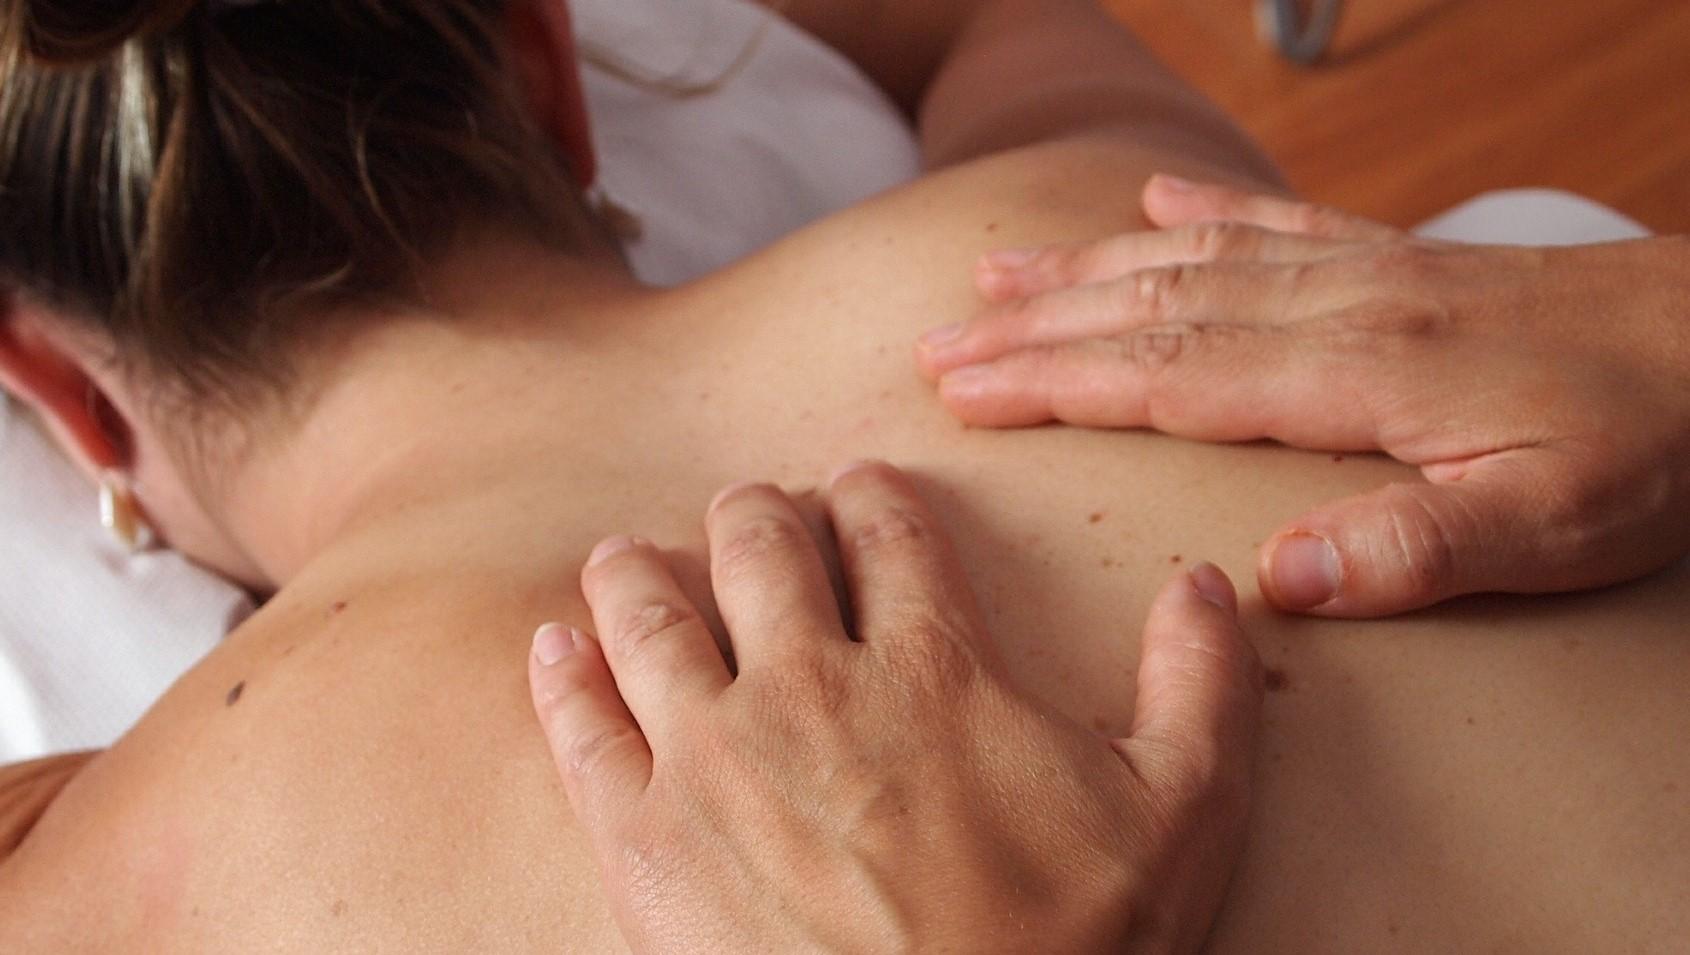 ¿Sabías que en ocasiones el origen del dolor físico que sientes no se origina en el punto exacto que te duele?